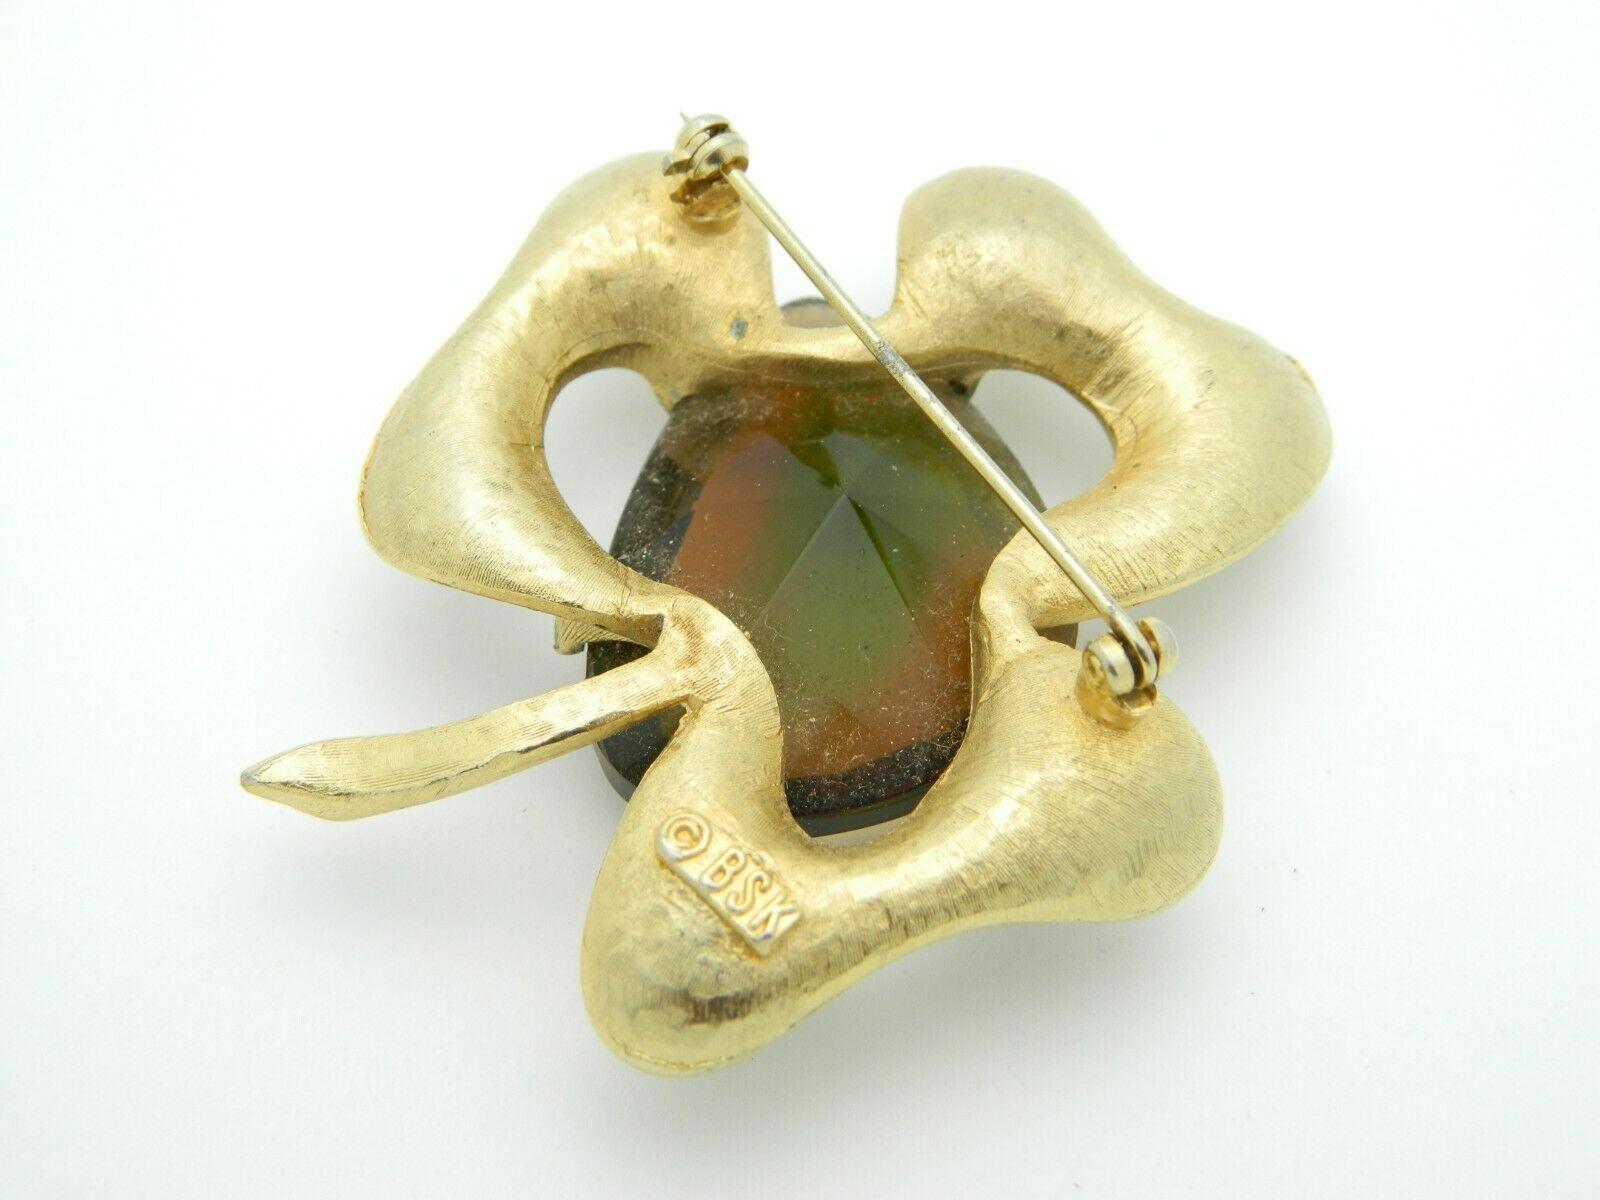 BSK Gold Tone Faceted Topaz Glass Brushed Shamrock Clover Brooch Pin Vintage